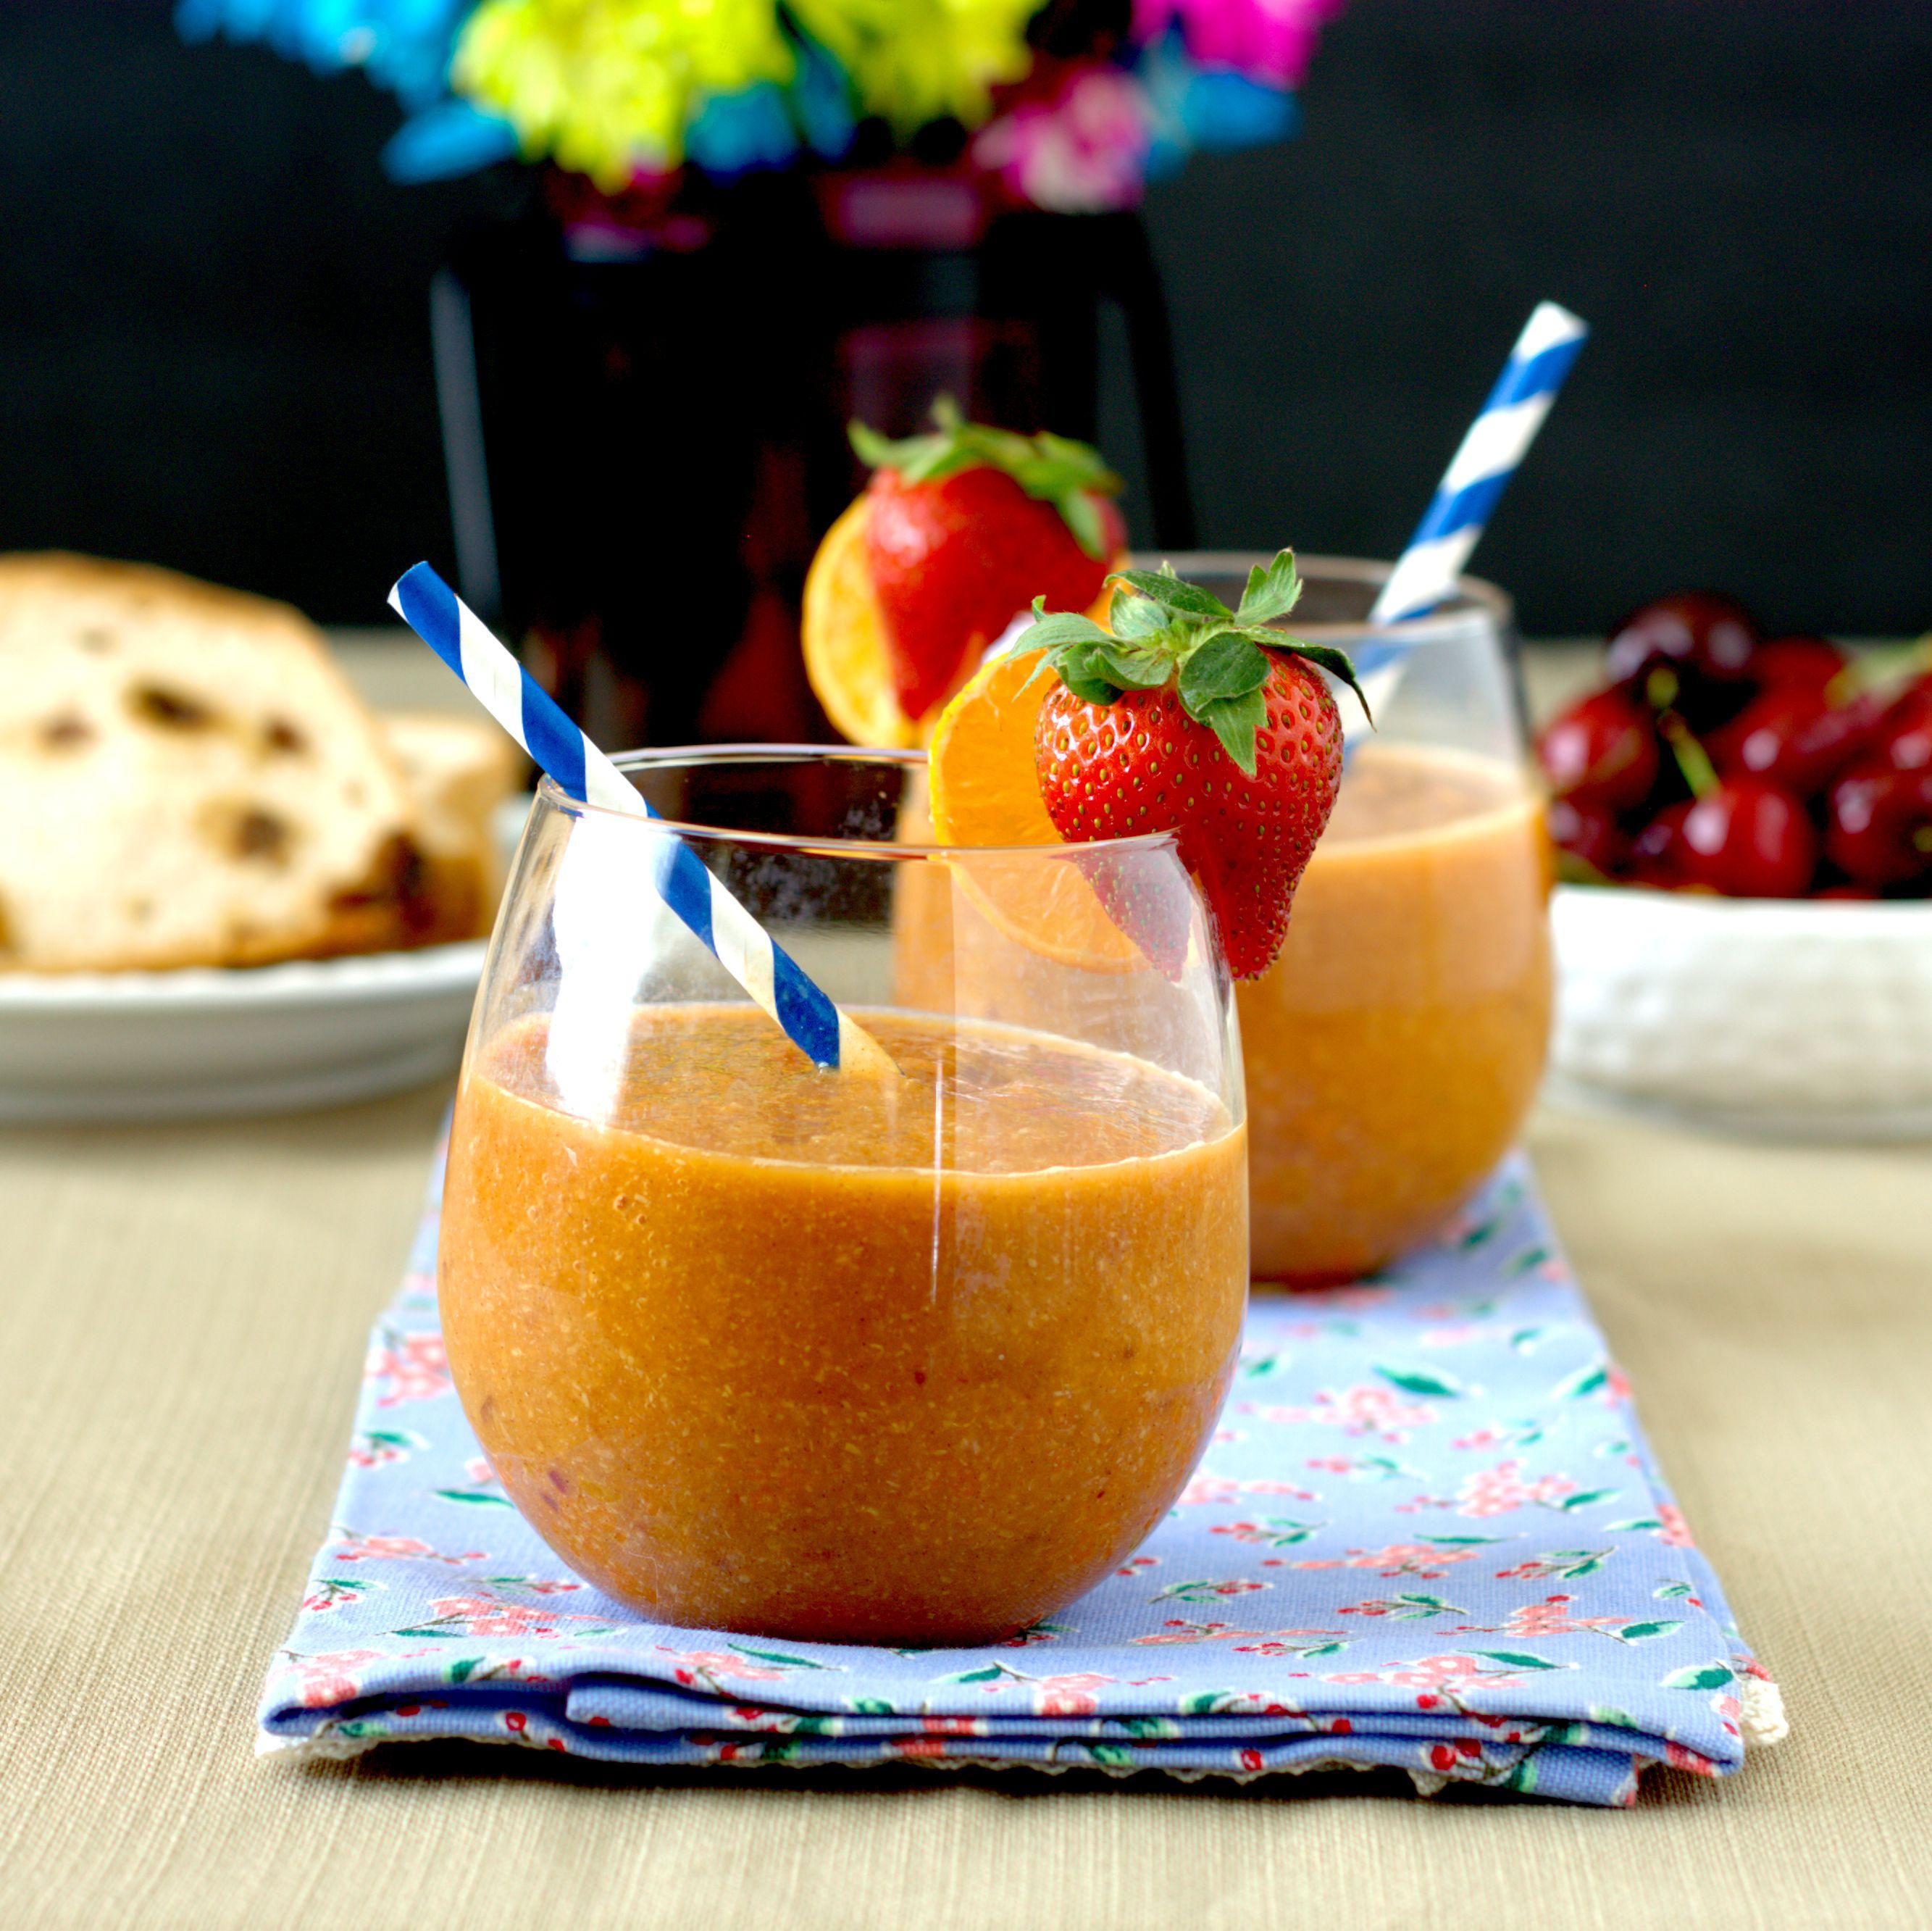 Papaya-Peach Smoothie